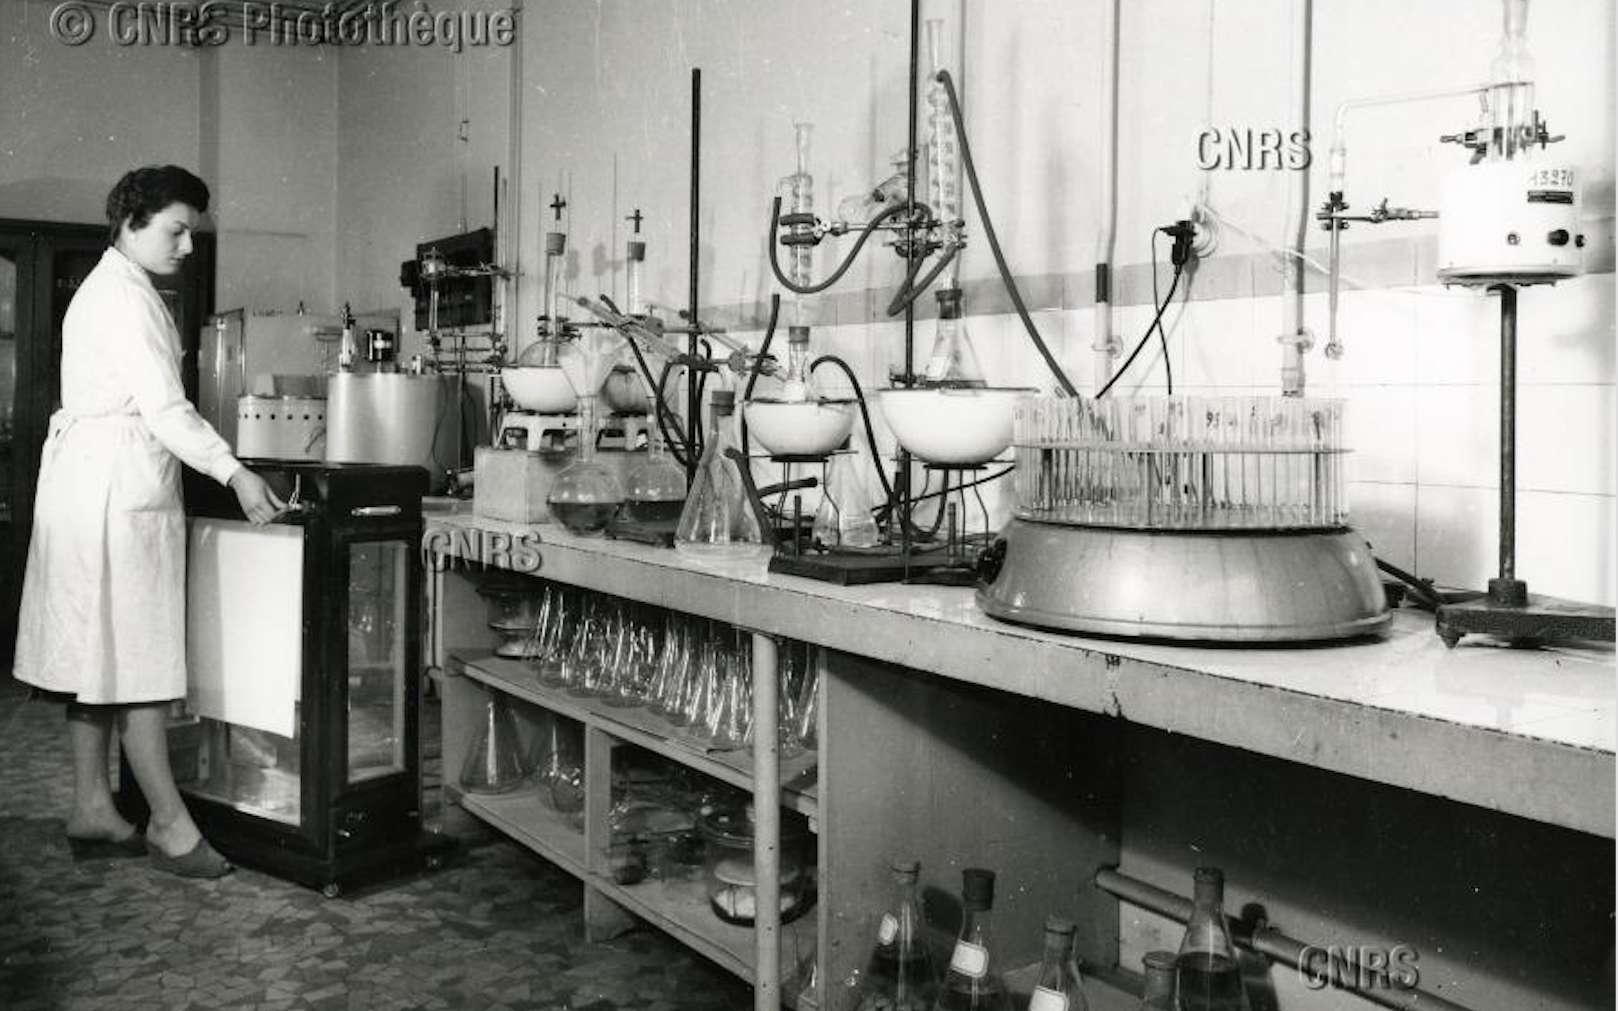 Laboratoire de biologie du froid de M. Ulrich, pour l'étude de la conservation par le froid des denrées d'origine végétale, au CNRS à Bellevue, Meudon, le 17 février 1959. © Fonds historique, CNRS Photothèque